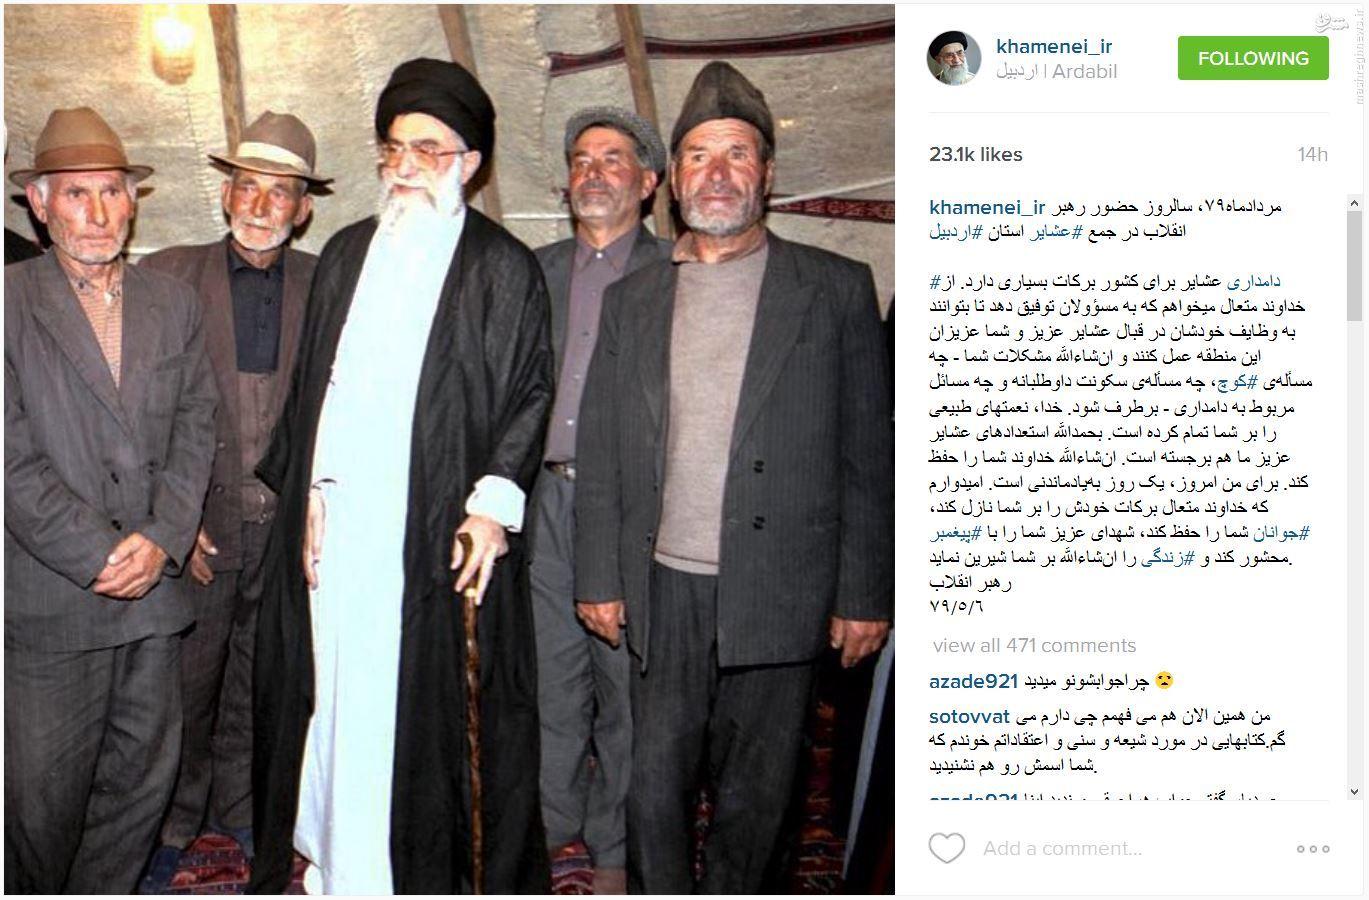 عکس/ رهبرانقلاب در جمع عشایر اردبیل